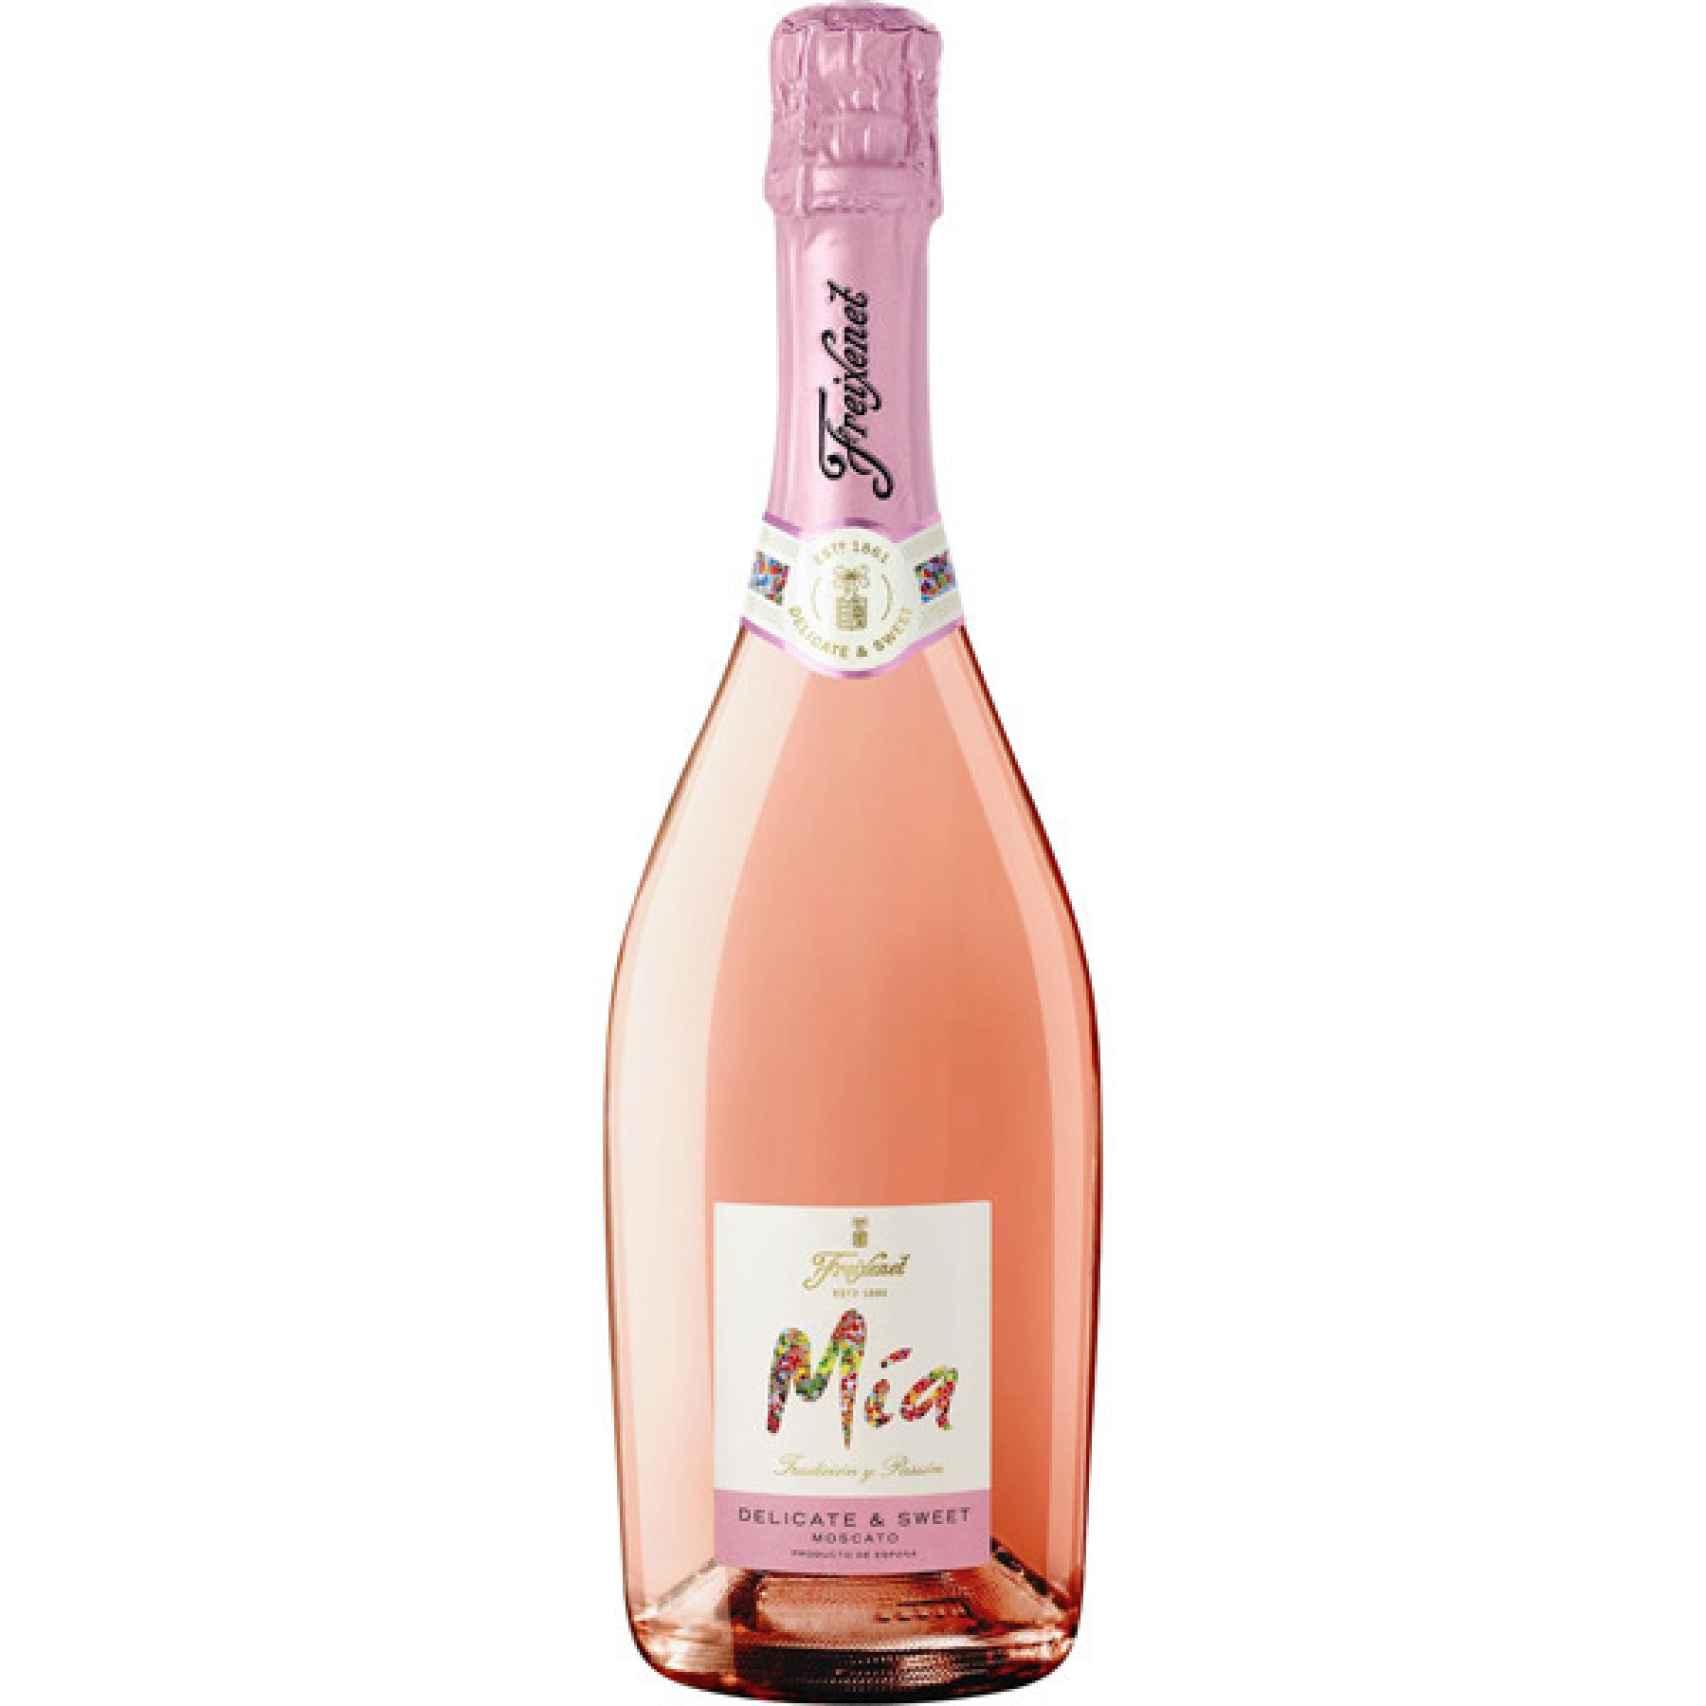 Un frizzante rosado muy fácil para beber en cualquier ocasión.